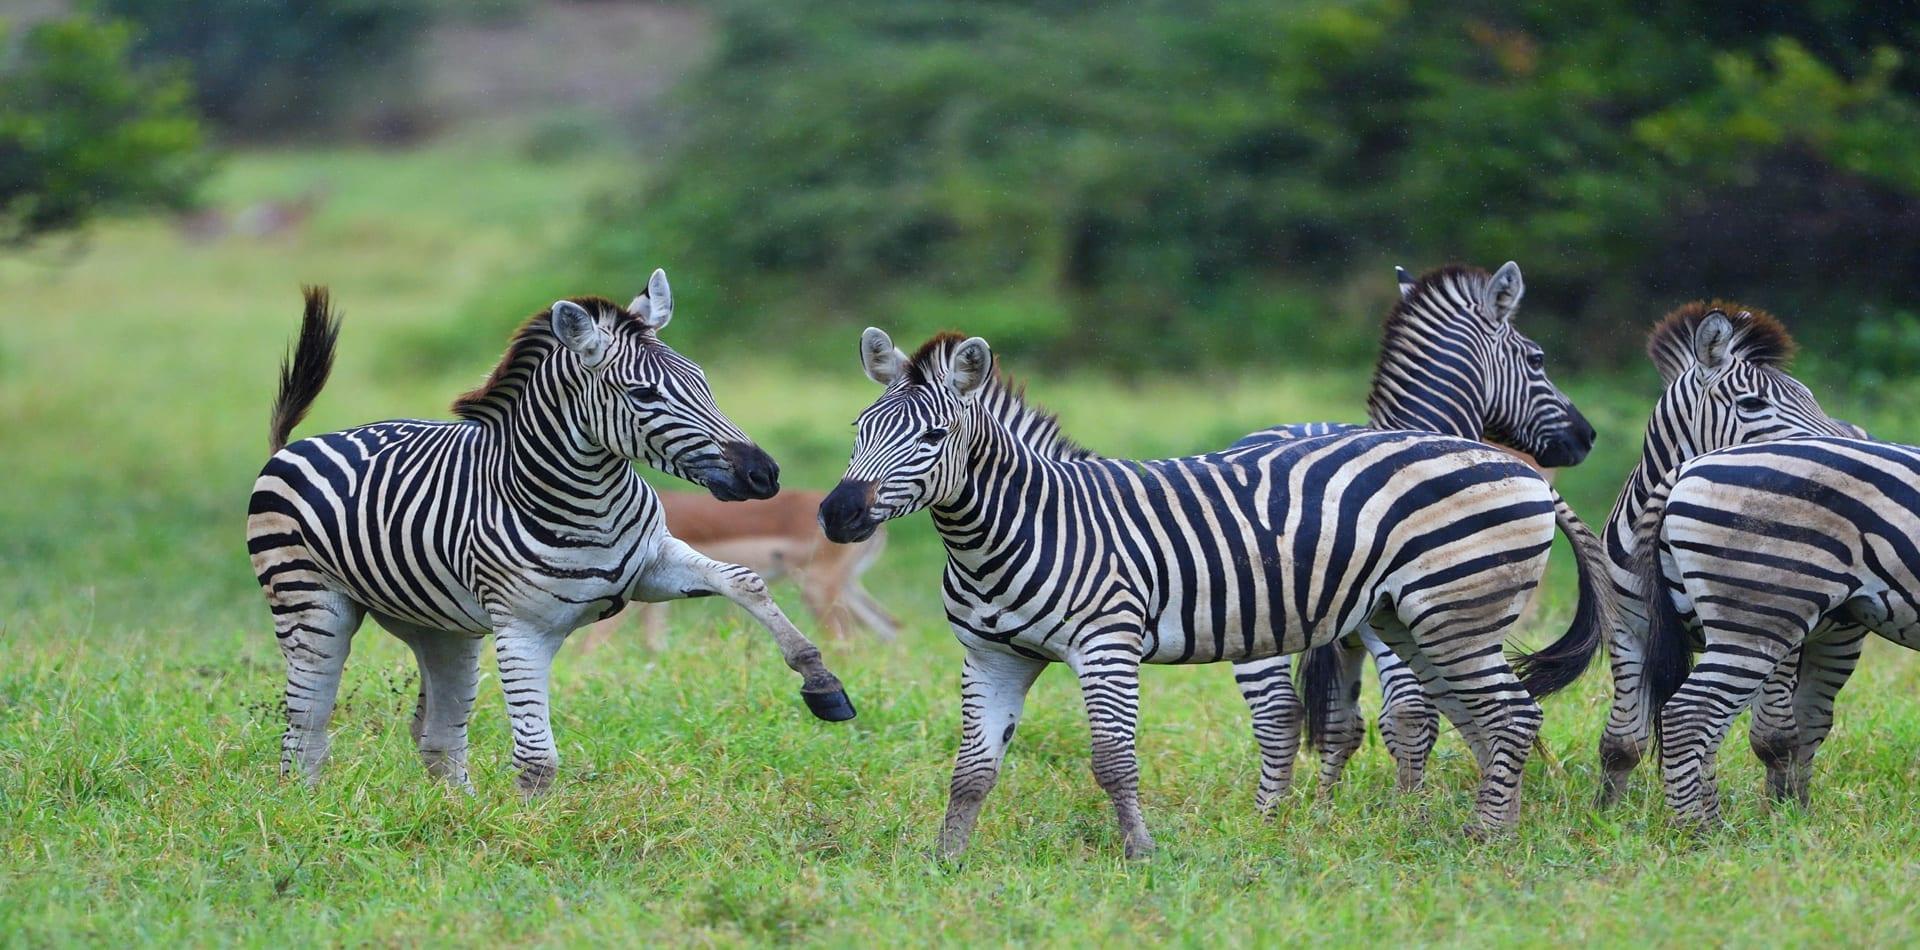 Zimbabwe zebras on safari